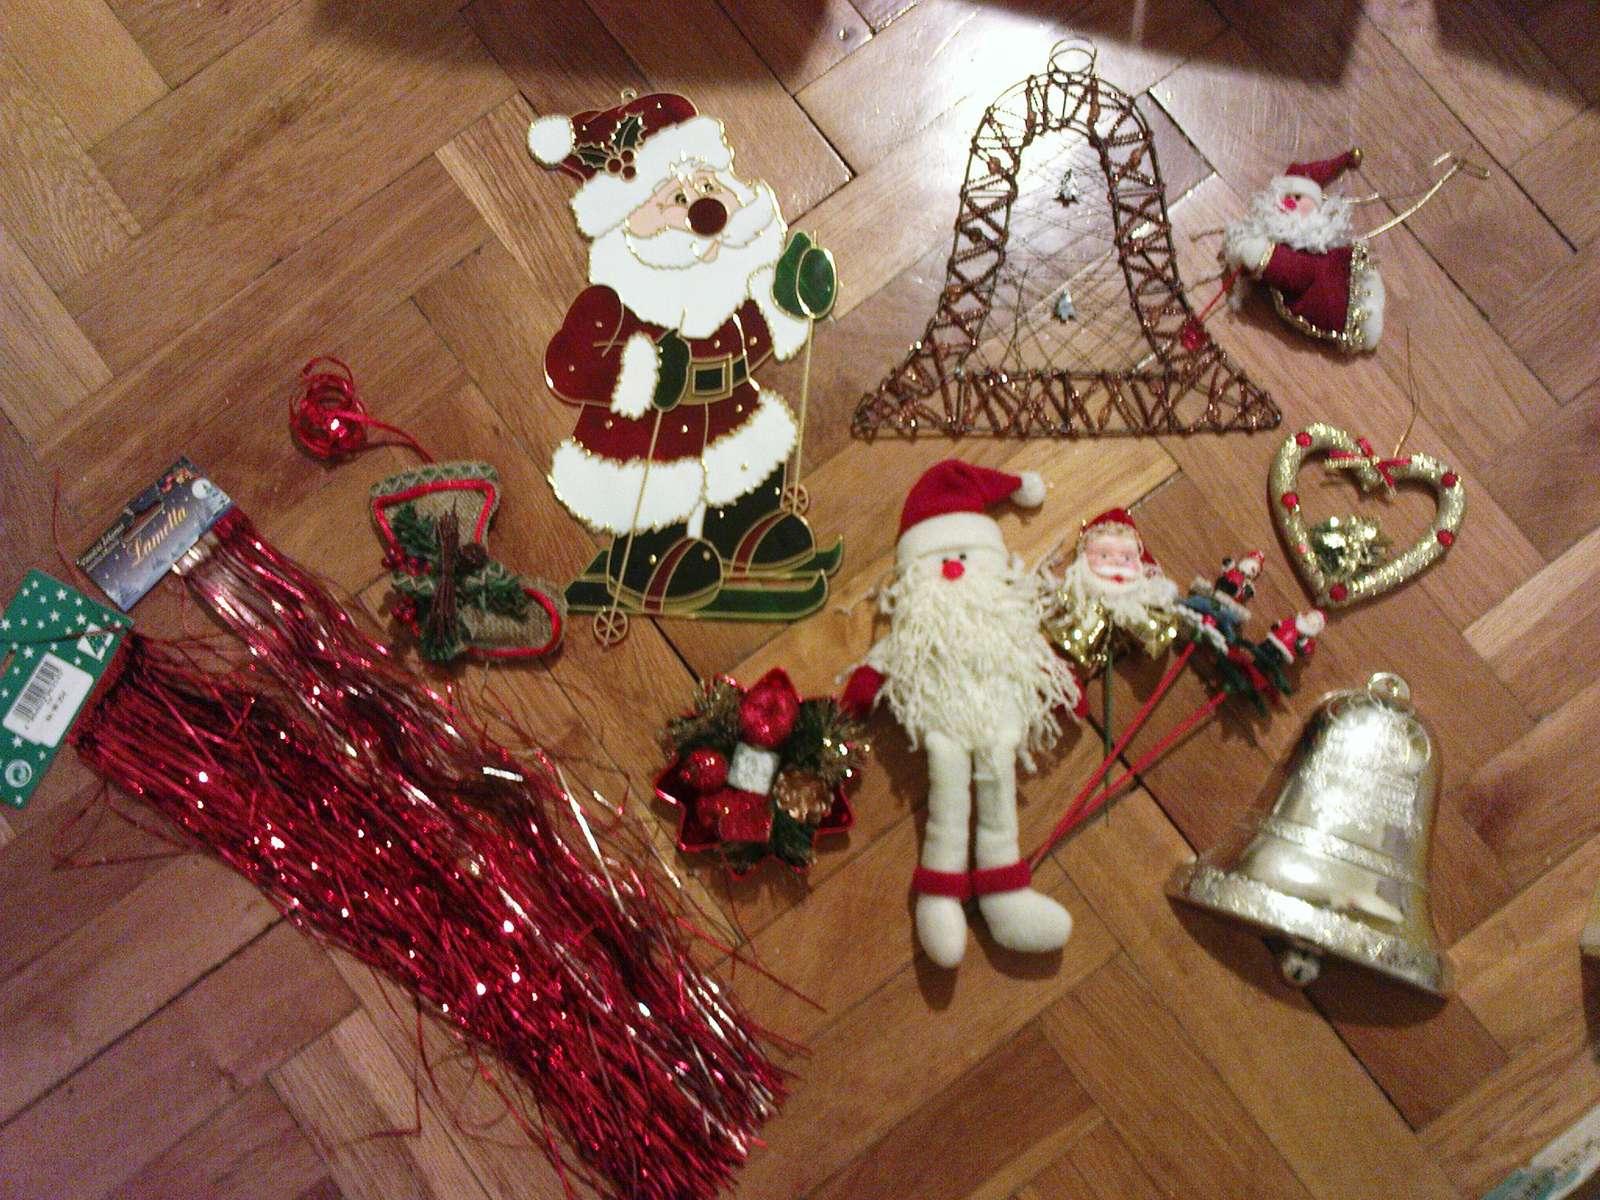 vianočné ozdoby  - Obrázok č. 1